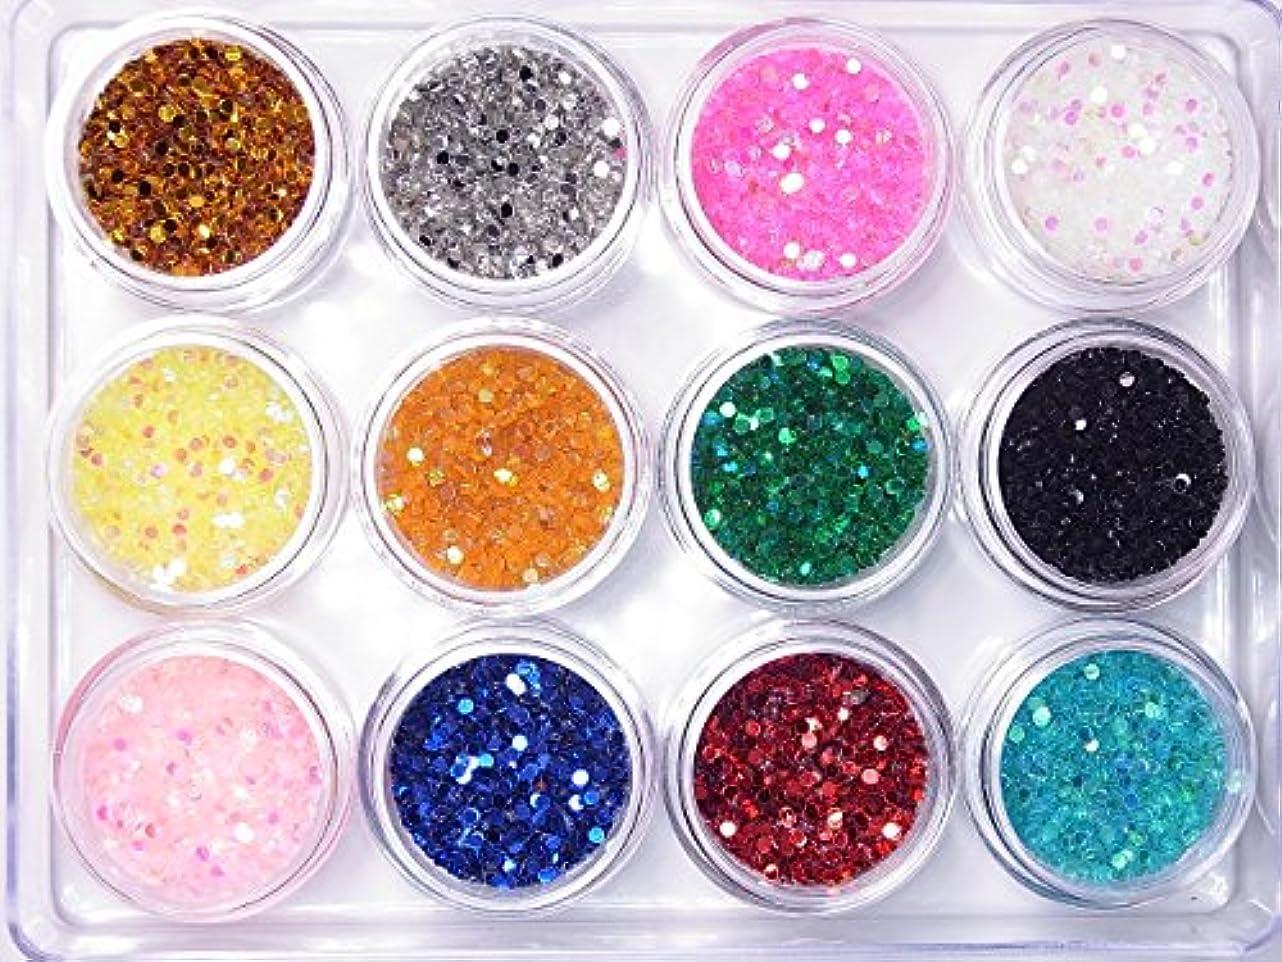 作りますアクロバット過ち【jewel】丸ホログラム1.5mm 各色たっぷり2g入り 12色SET ジェルネイル デコ